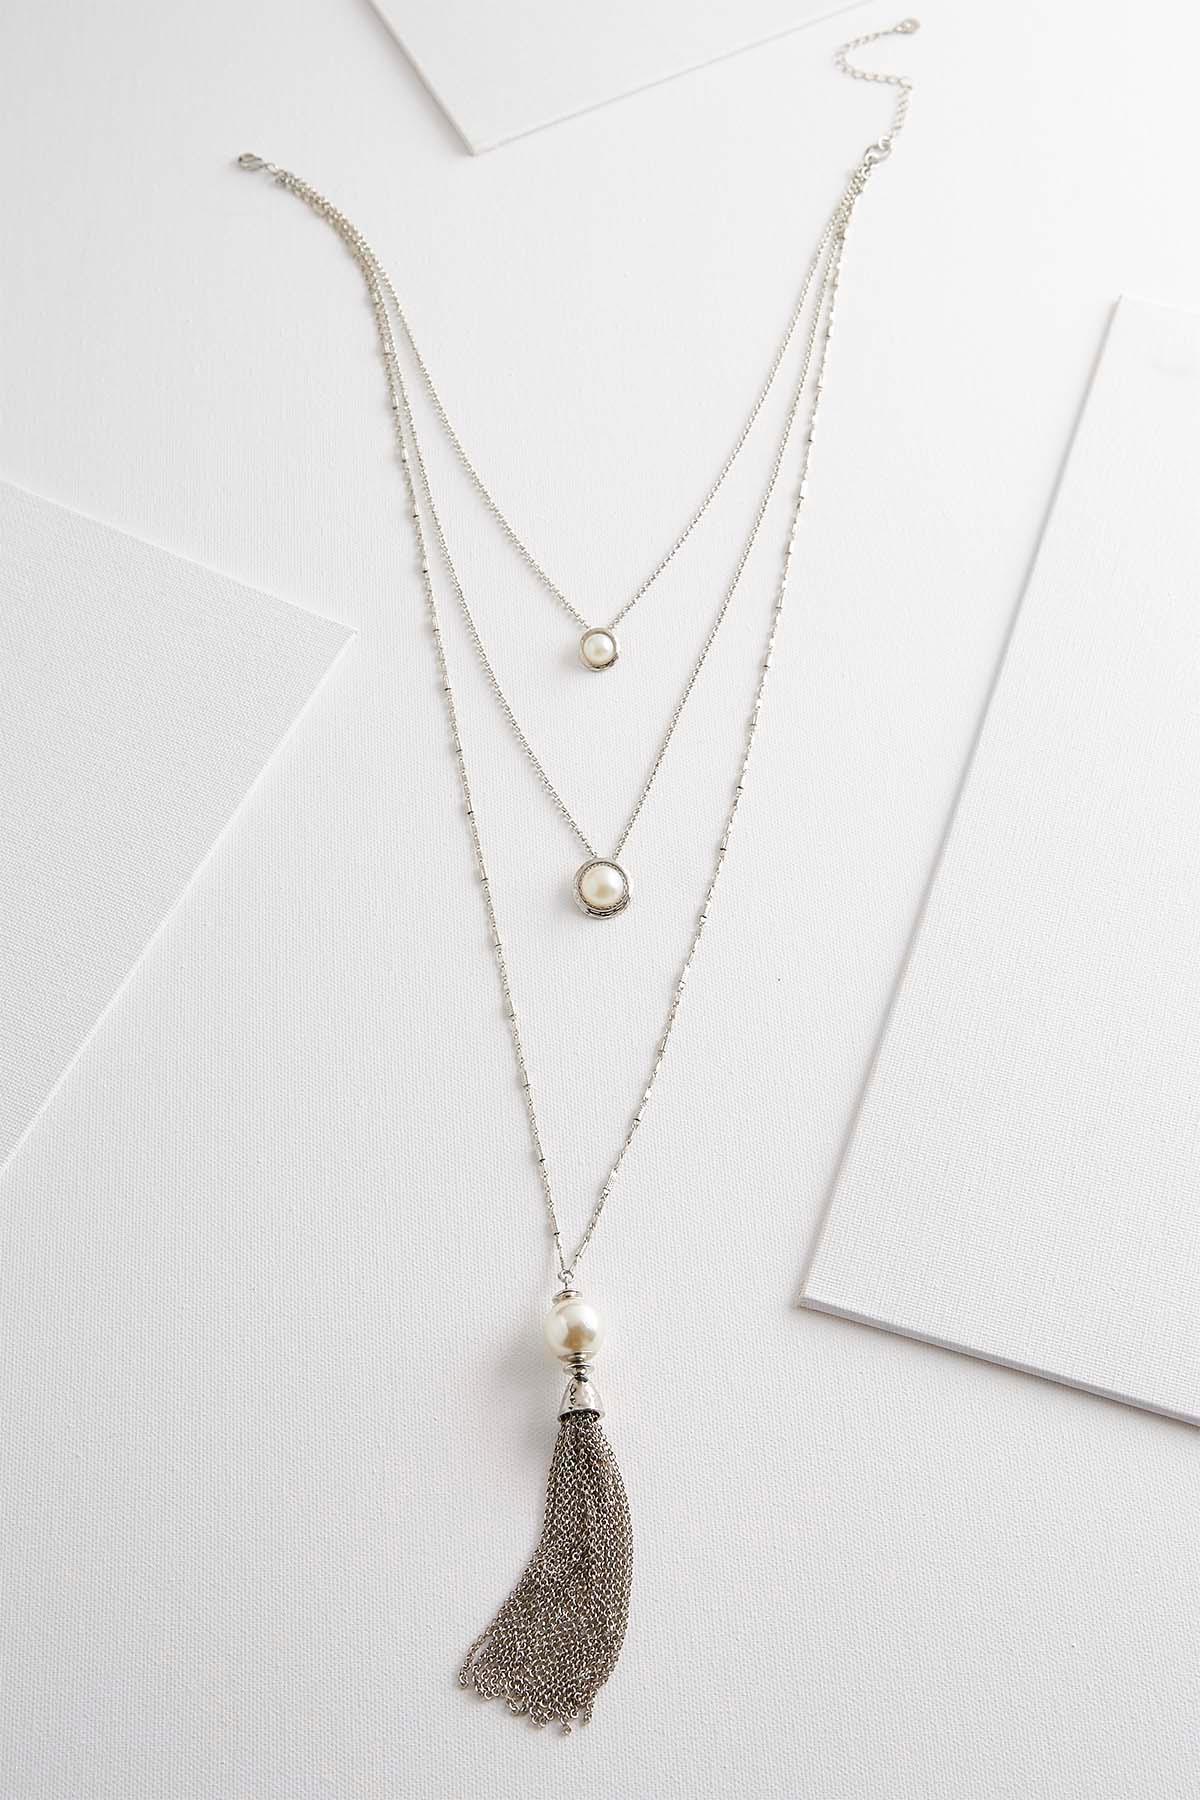 Layered Tasseled Pendant Necklace